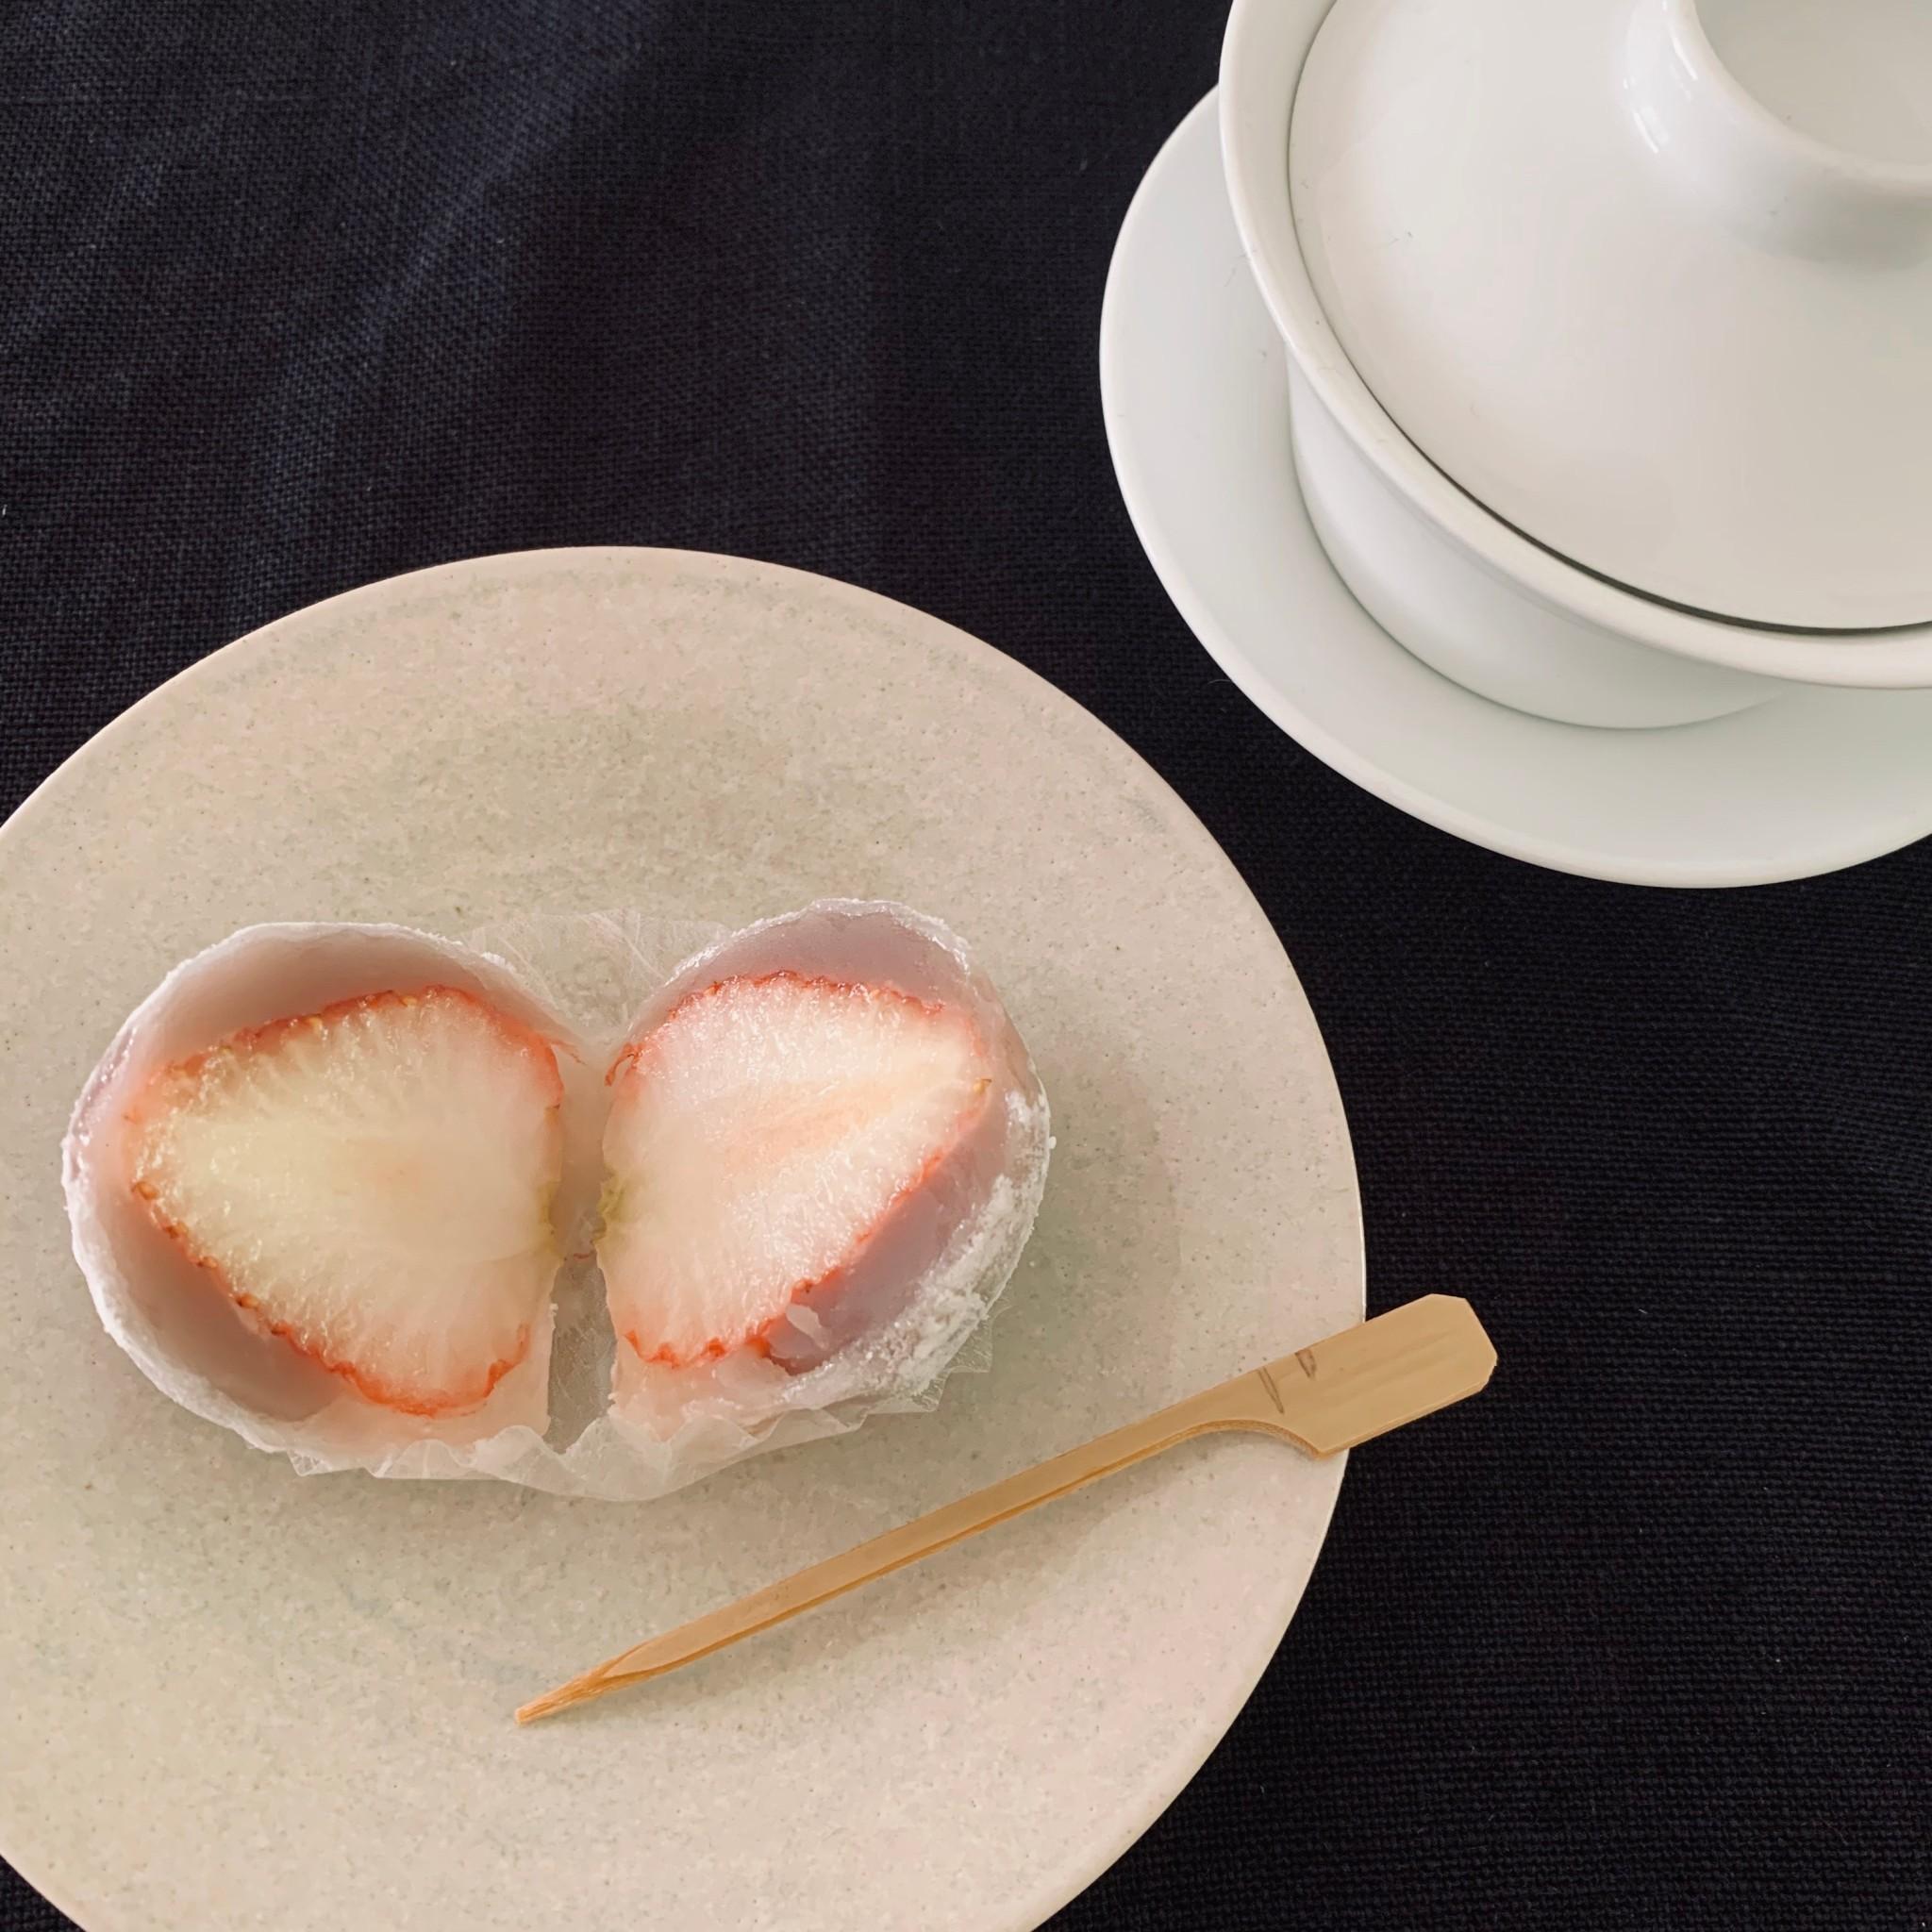 旬を味わう『夏の苺大福』♪_1_3-1